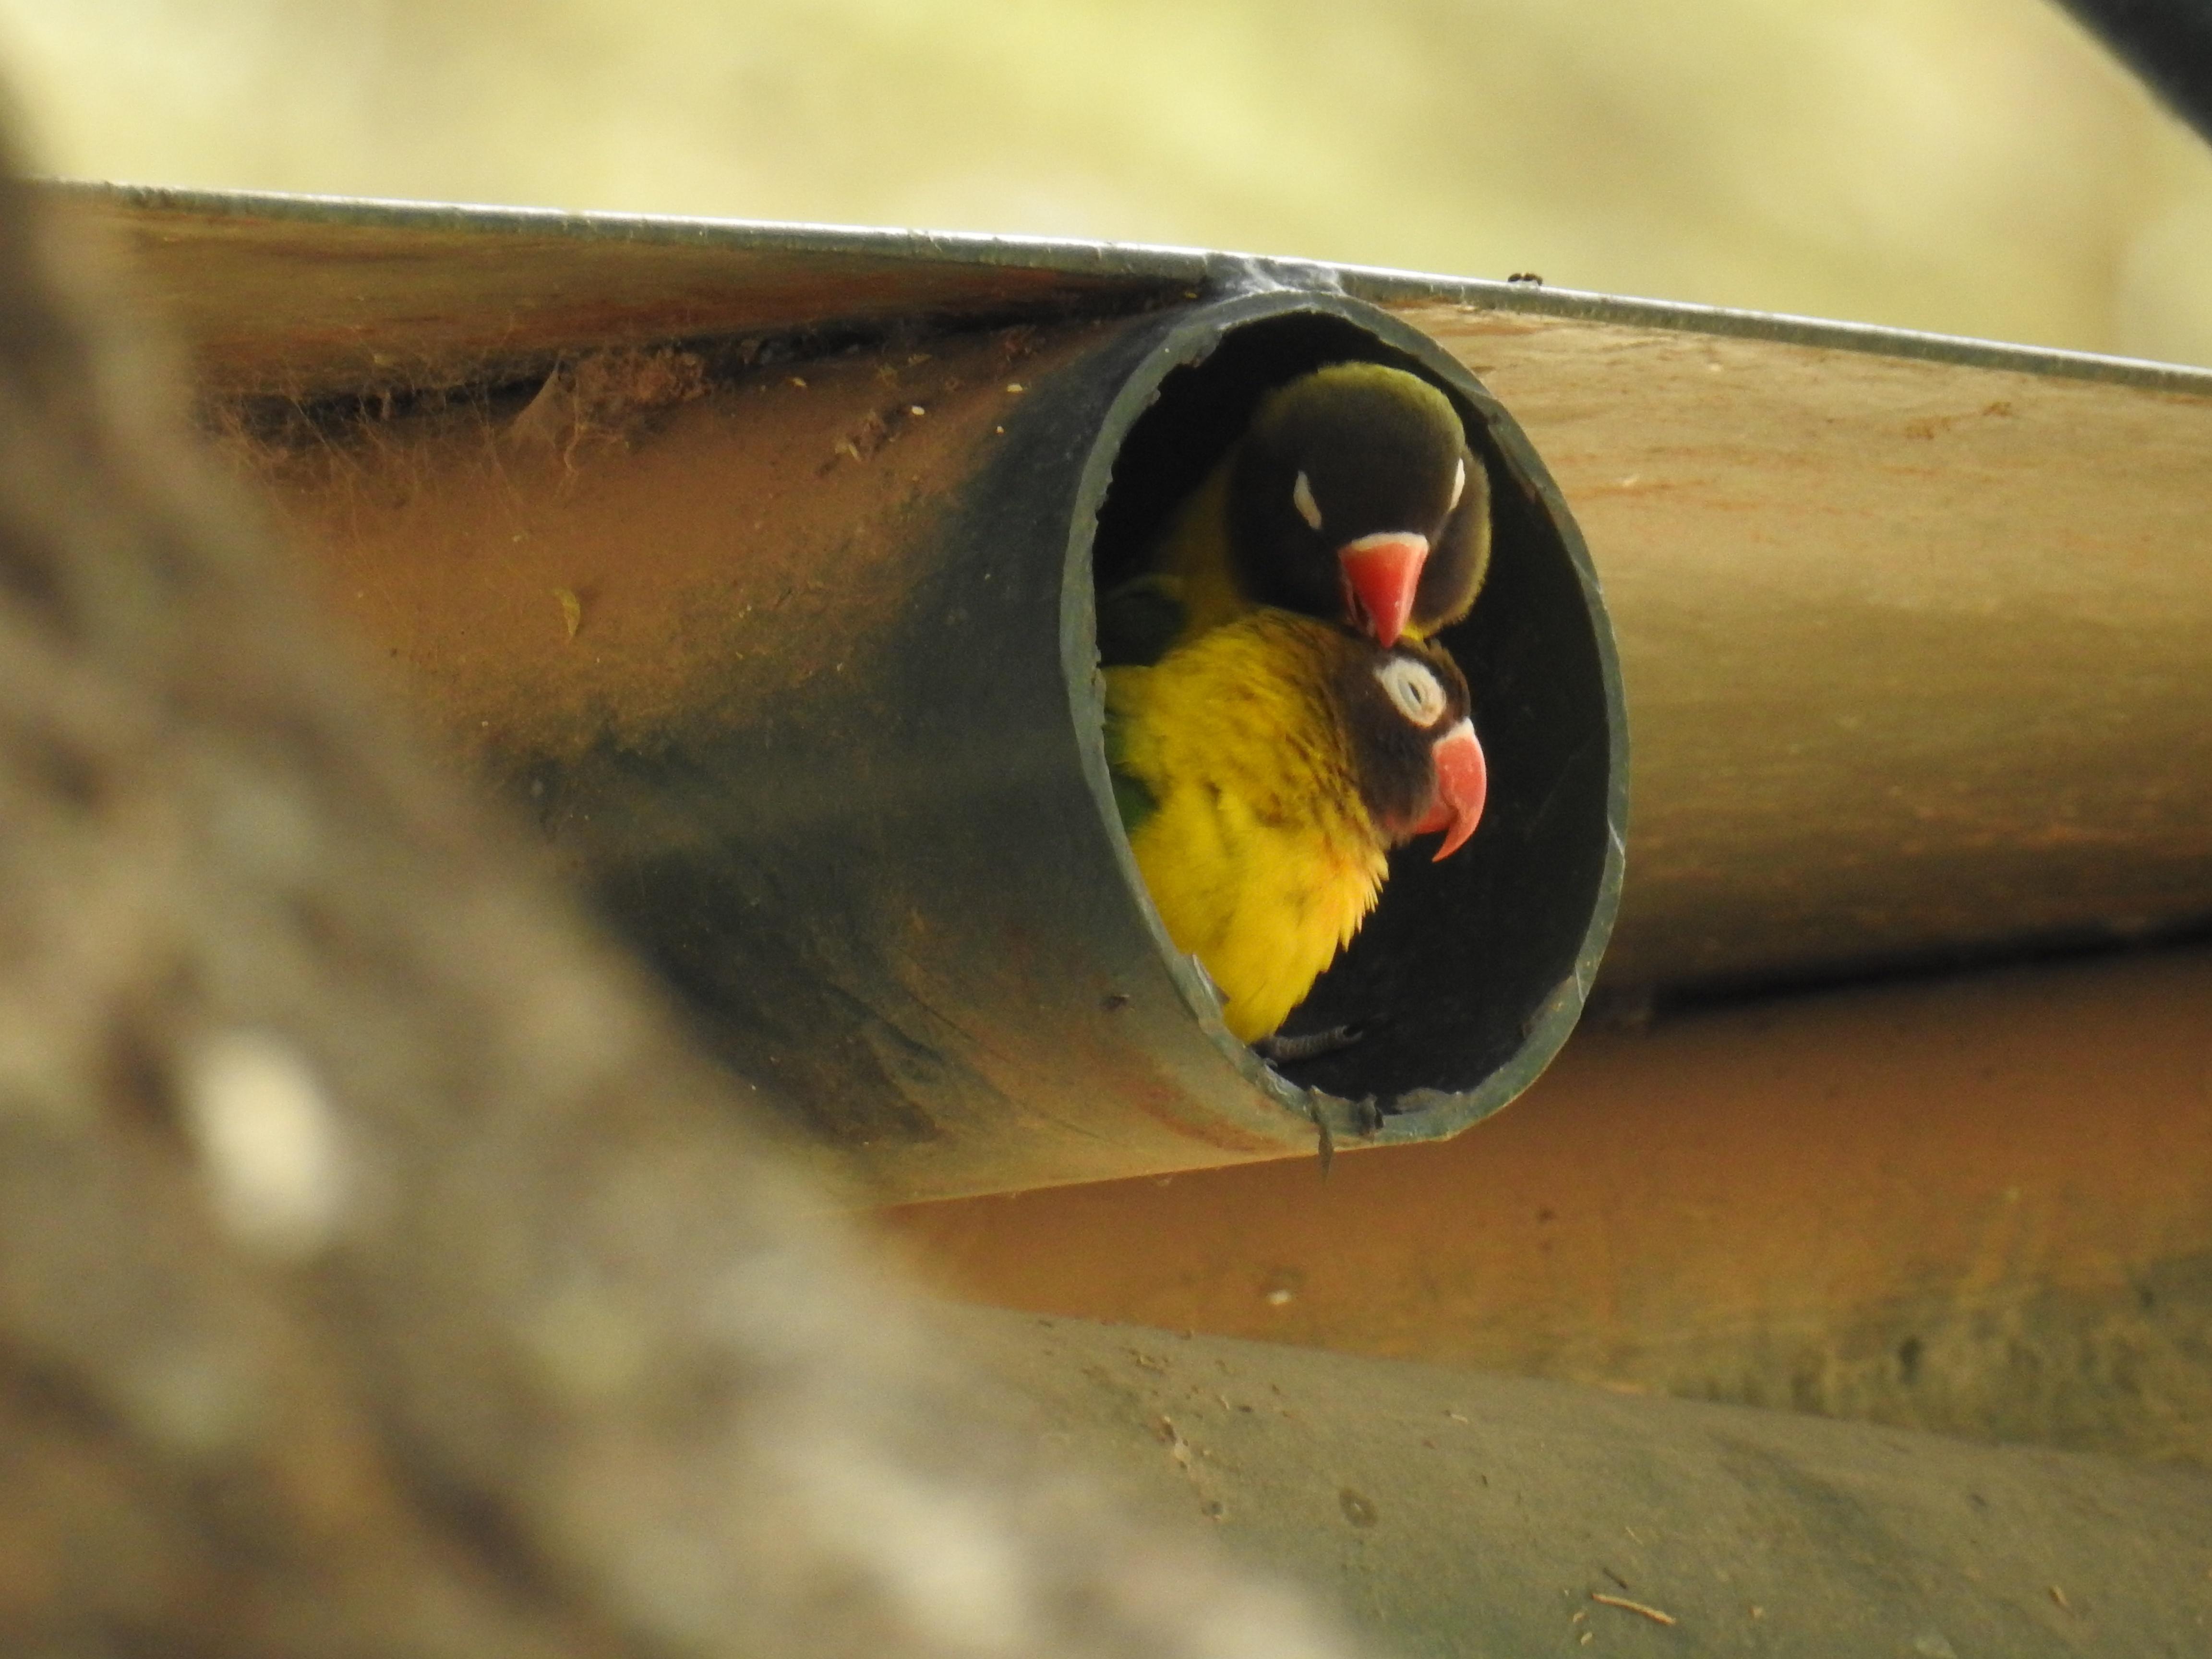 Bird_in_pipe.jpg